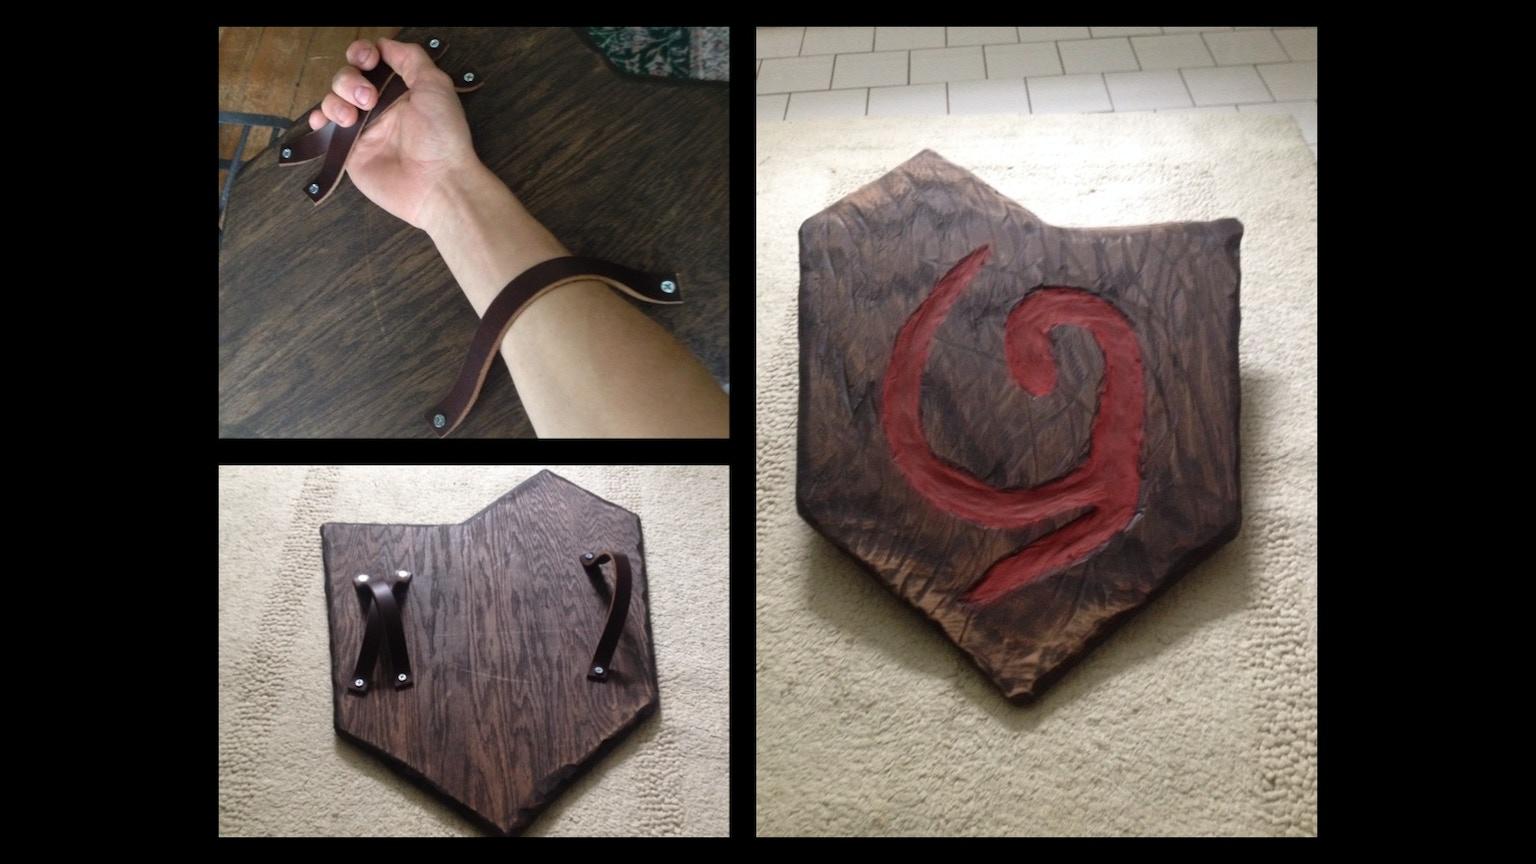 deku shield replica - photo #21